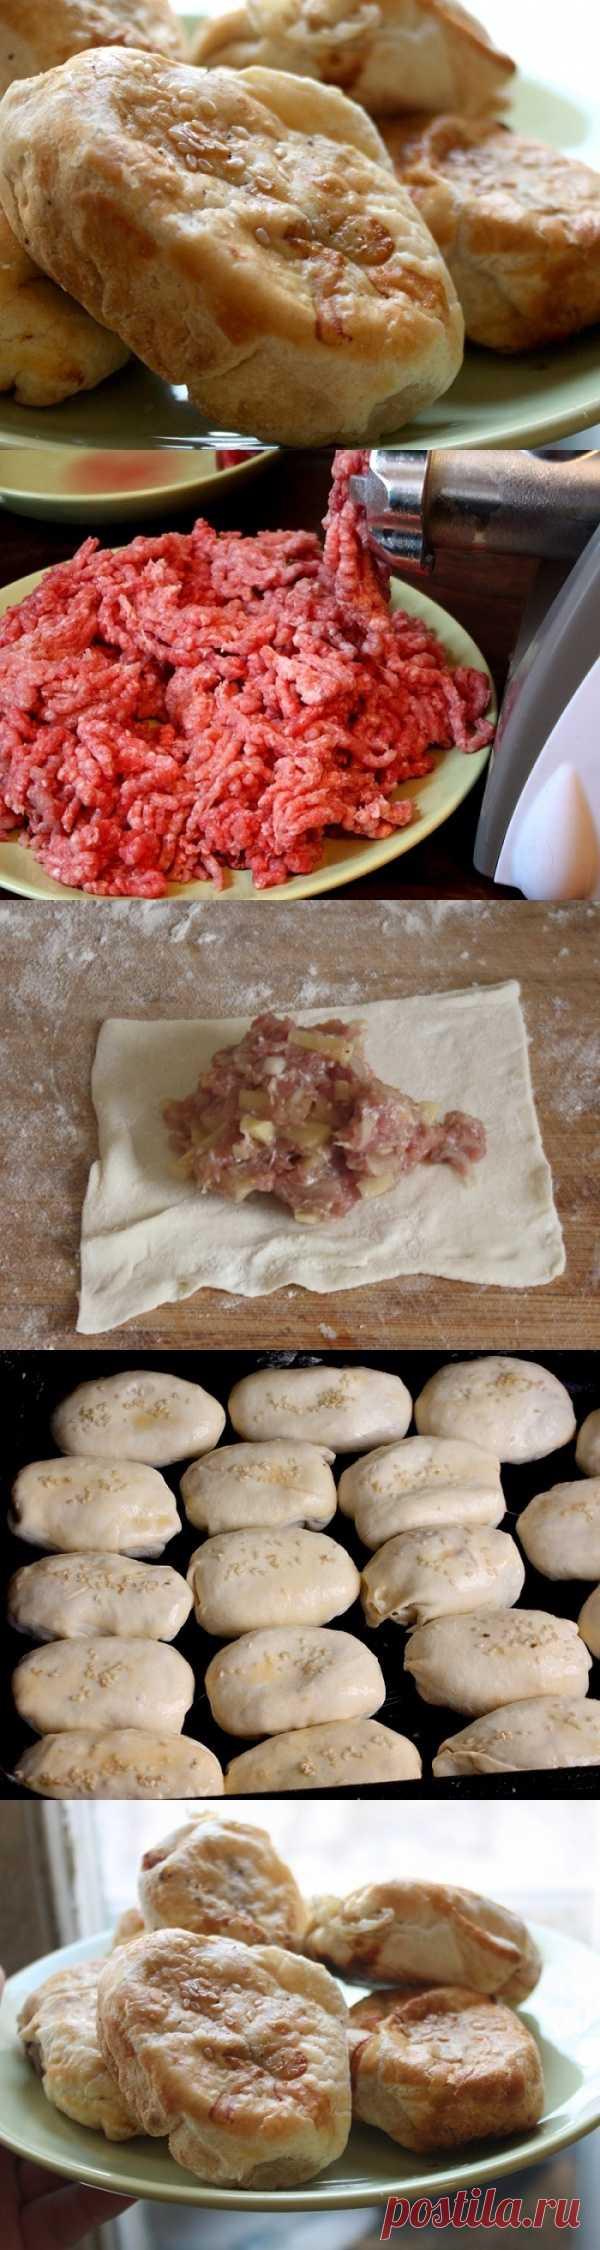 Пирожки с мясом и картошкой - банальные, но от этого не менее вкусные